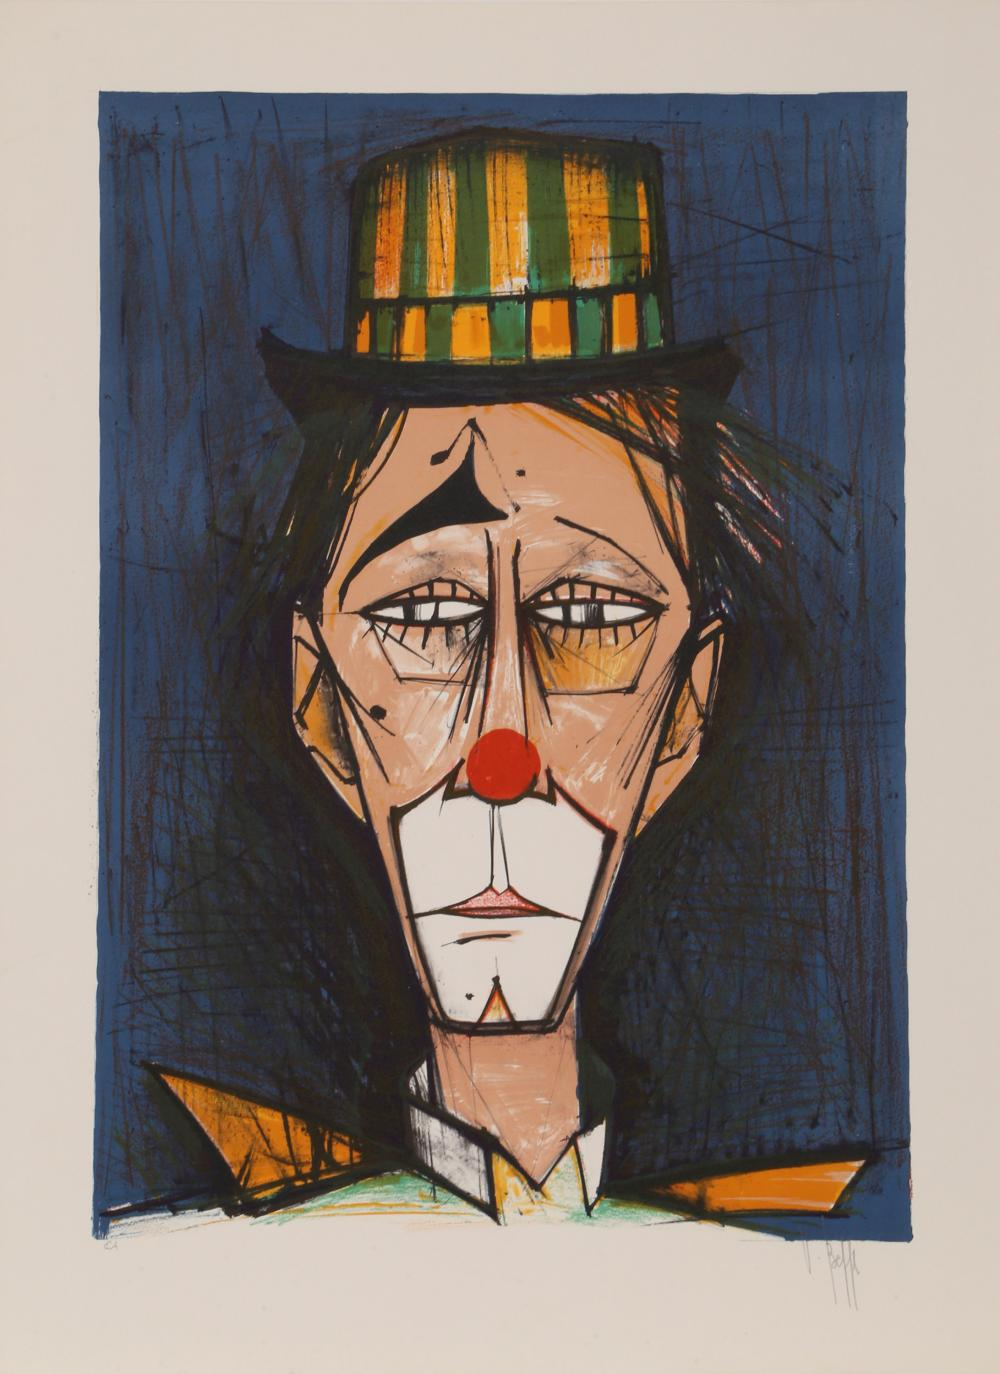 V. Beffa, Clown, Lithograph